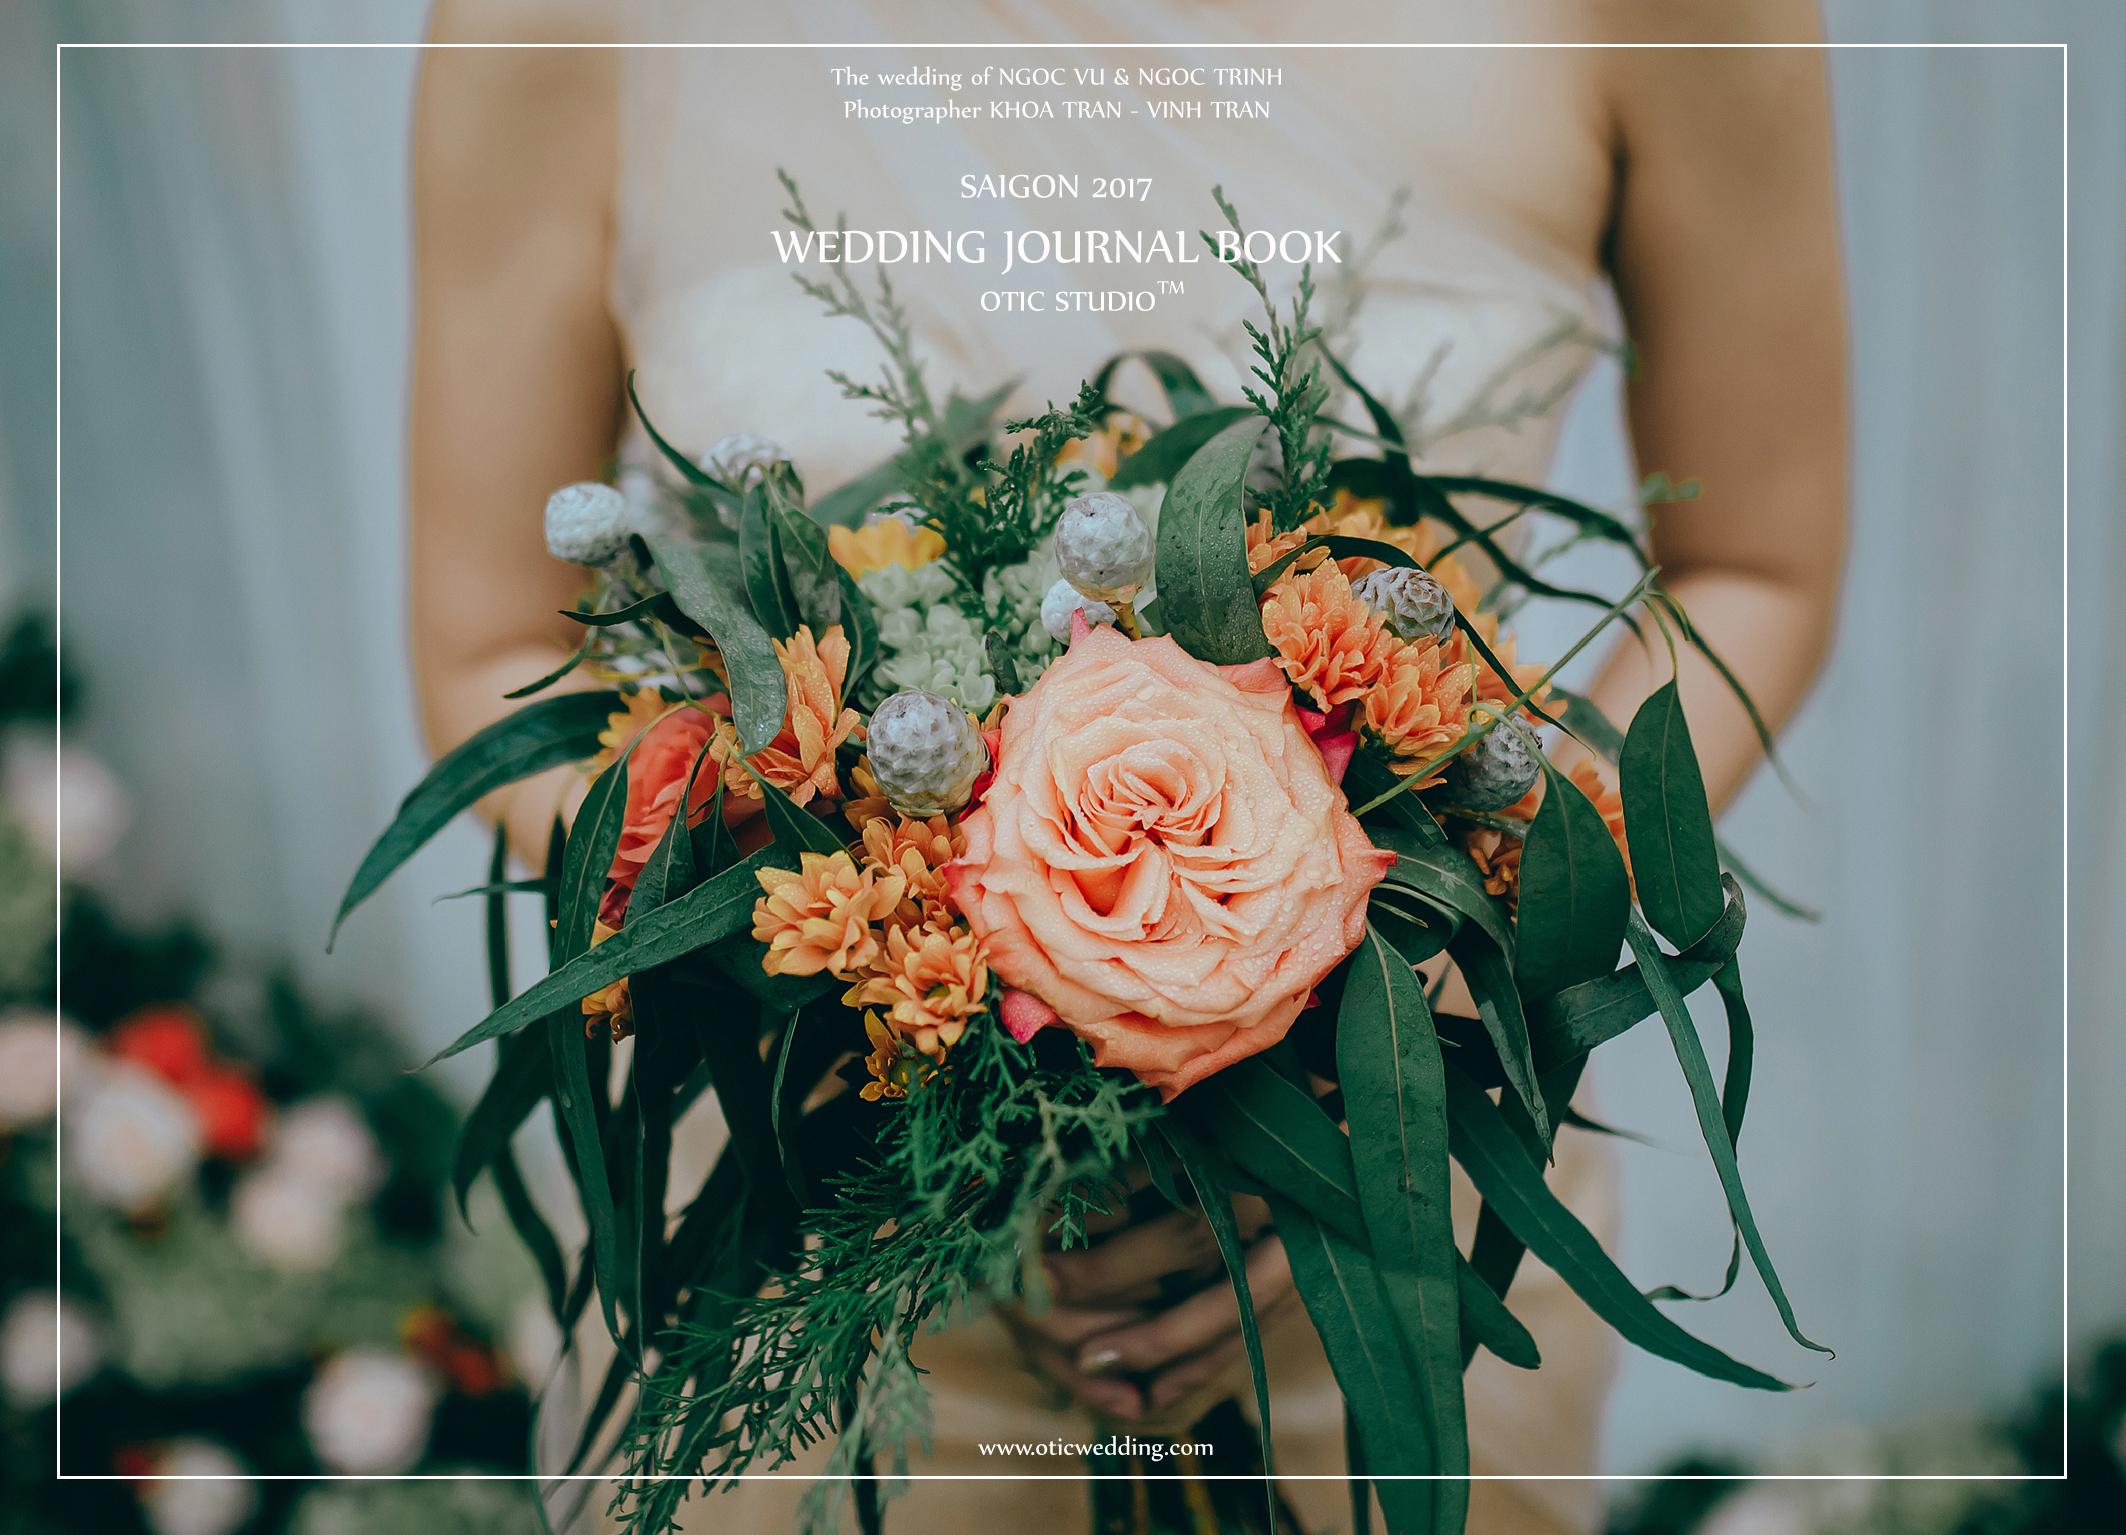 Phóng sự cưới | Ngọc – Ngọc